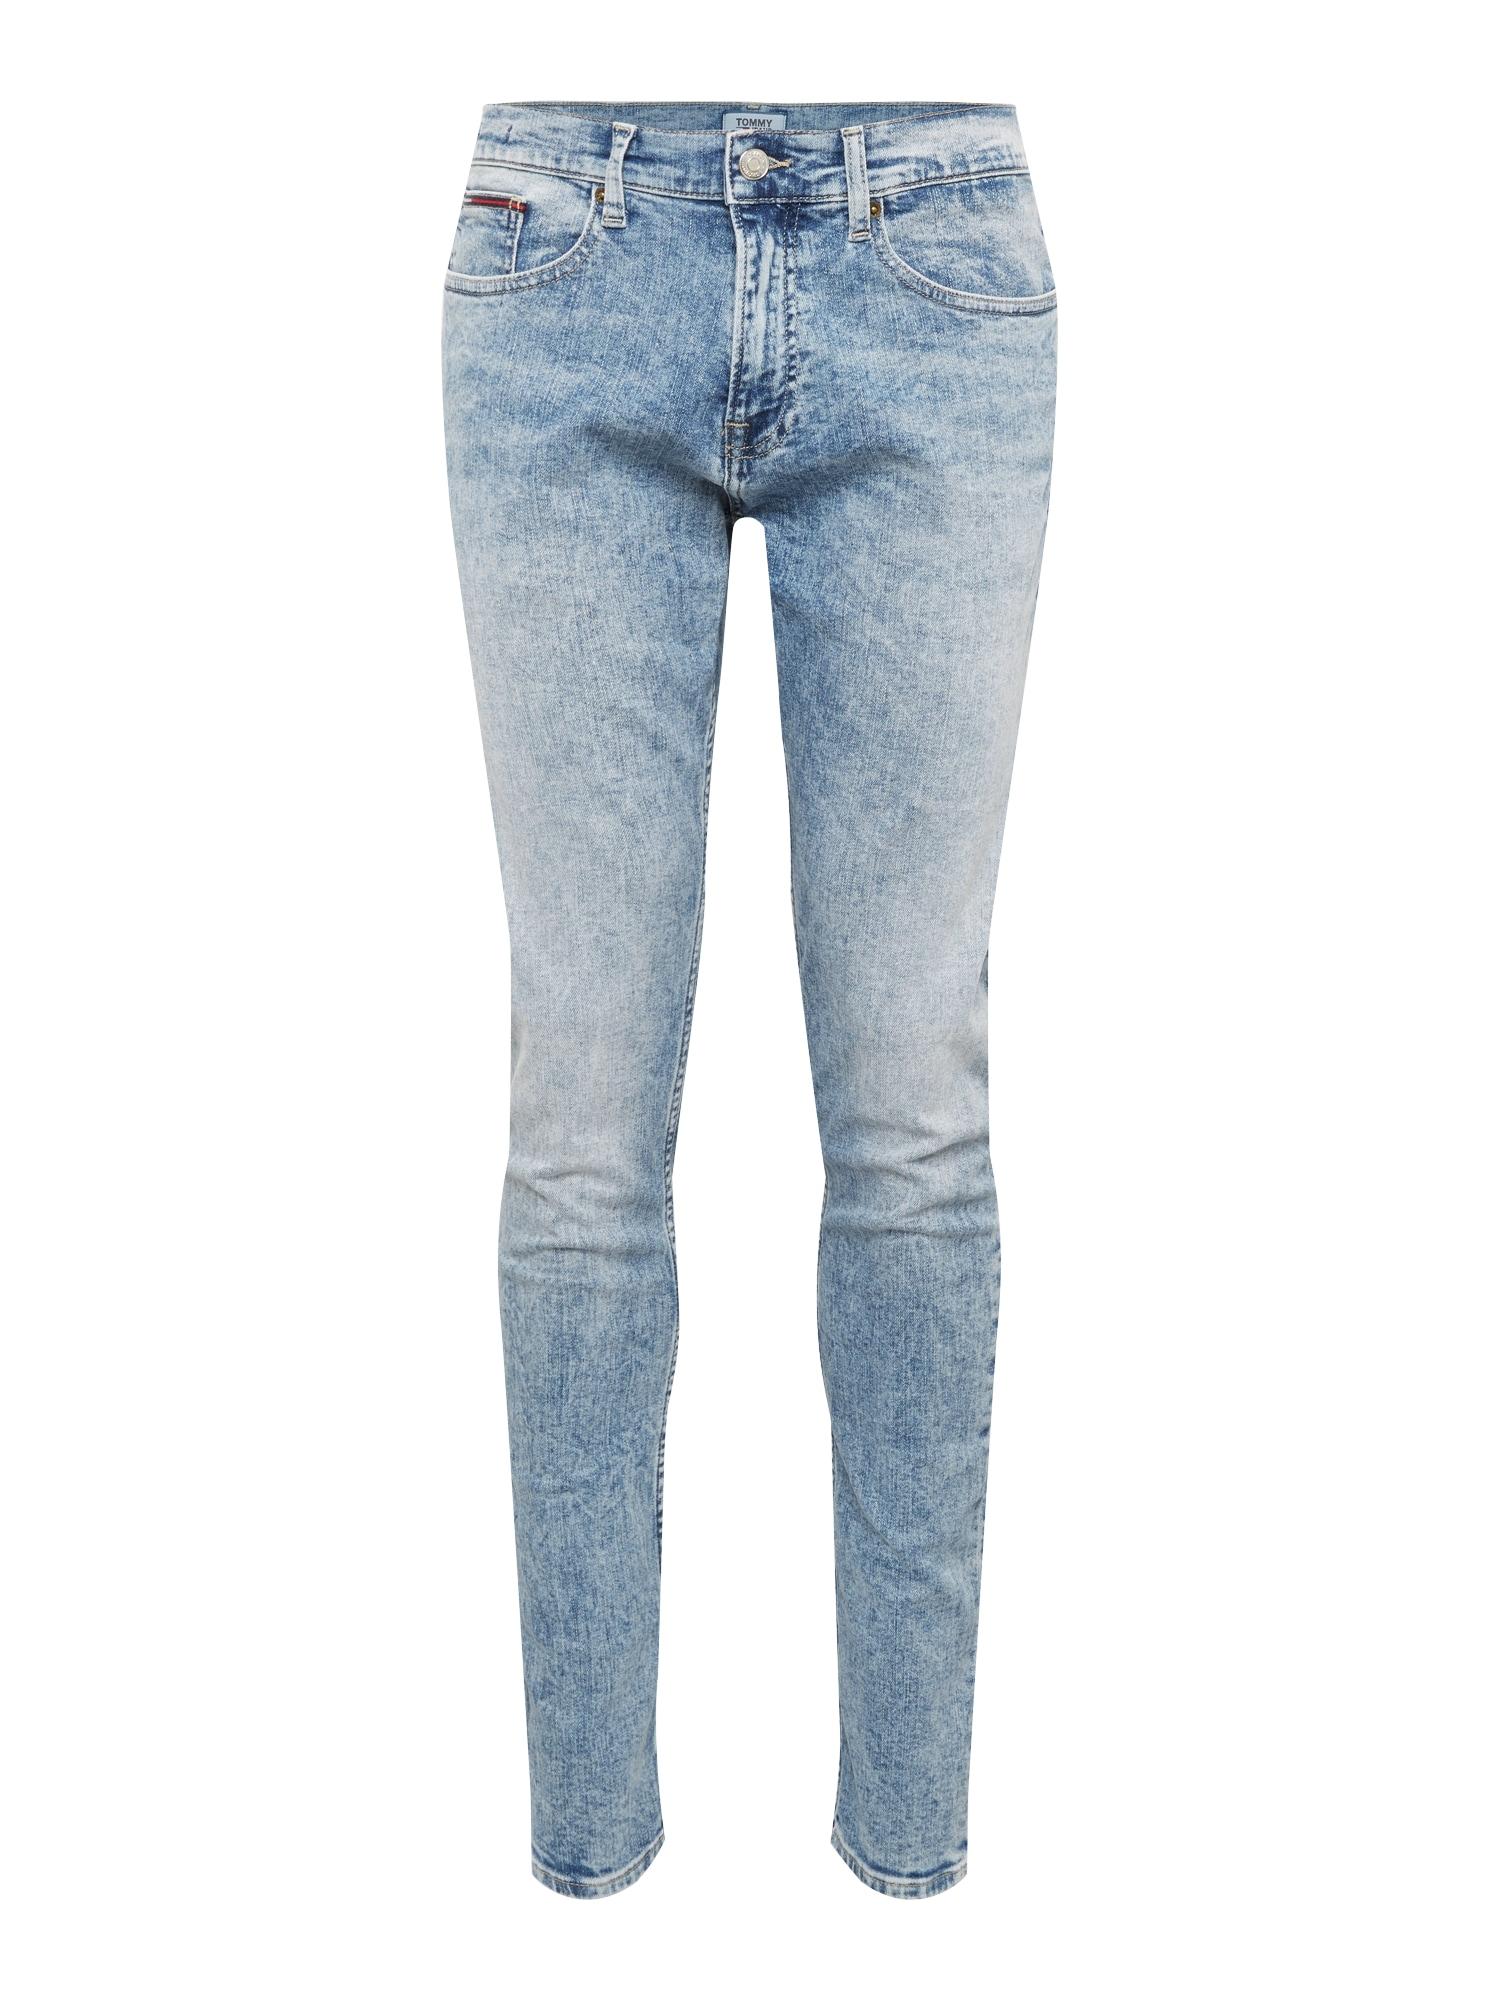 Džíny SLIM TAPERED STEVE modrá džínovina Tommy Jeans